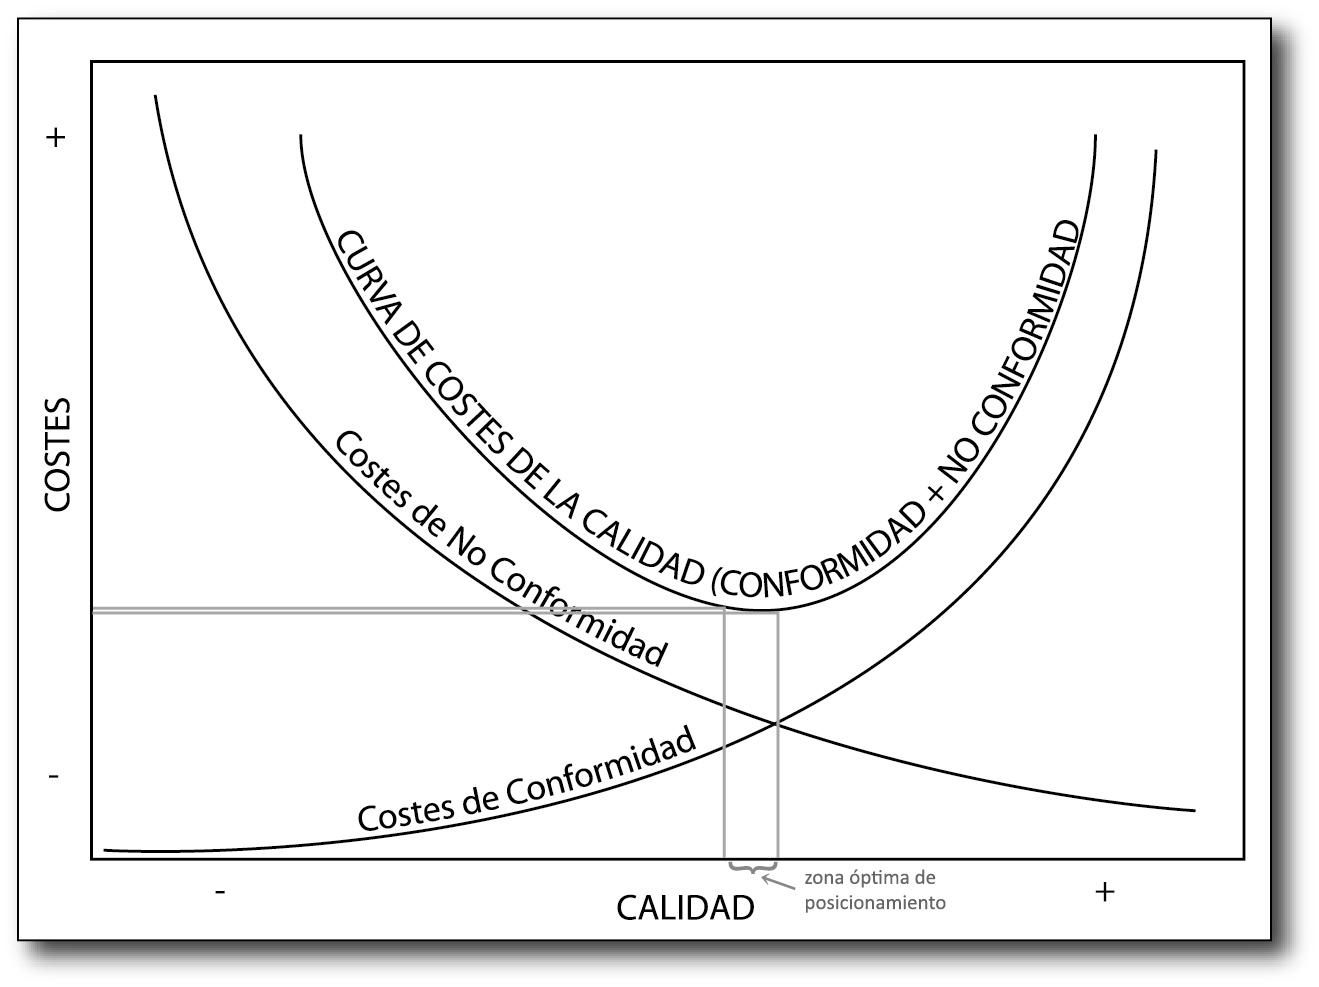 gráfico de costes de calidad, Jurán, costes de conformidad, constes de no conformidad, jesús garcía jiménez